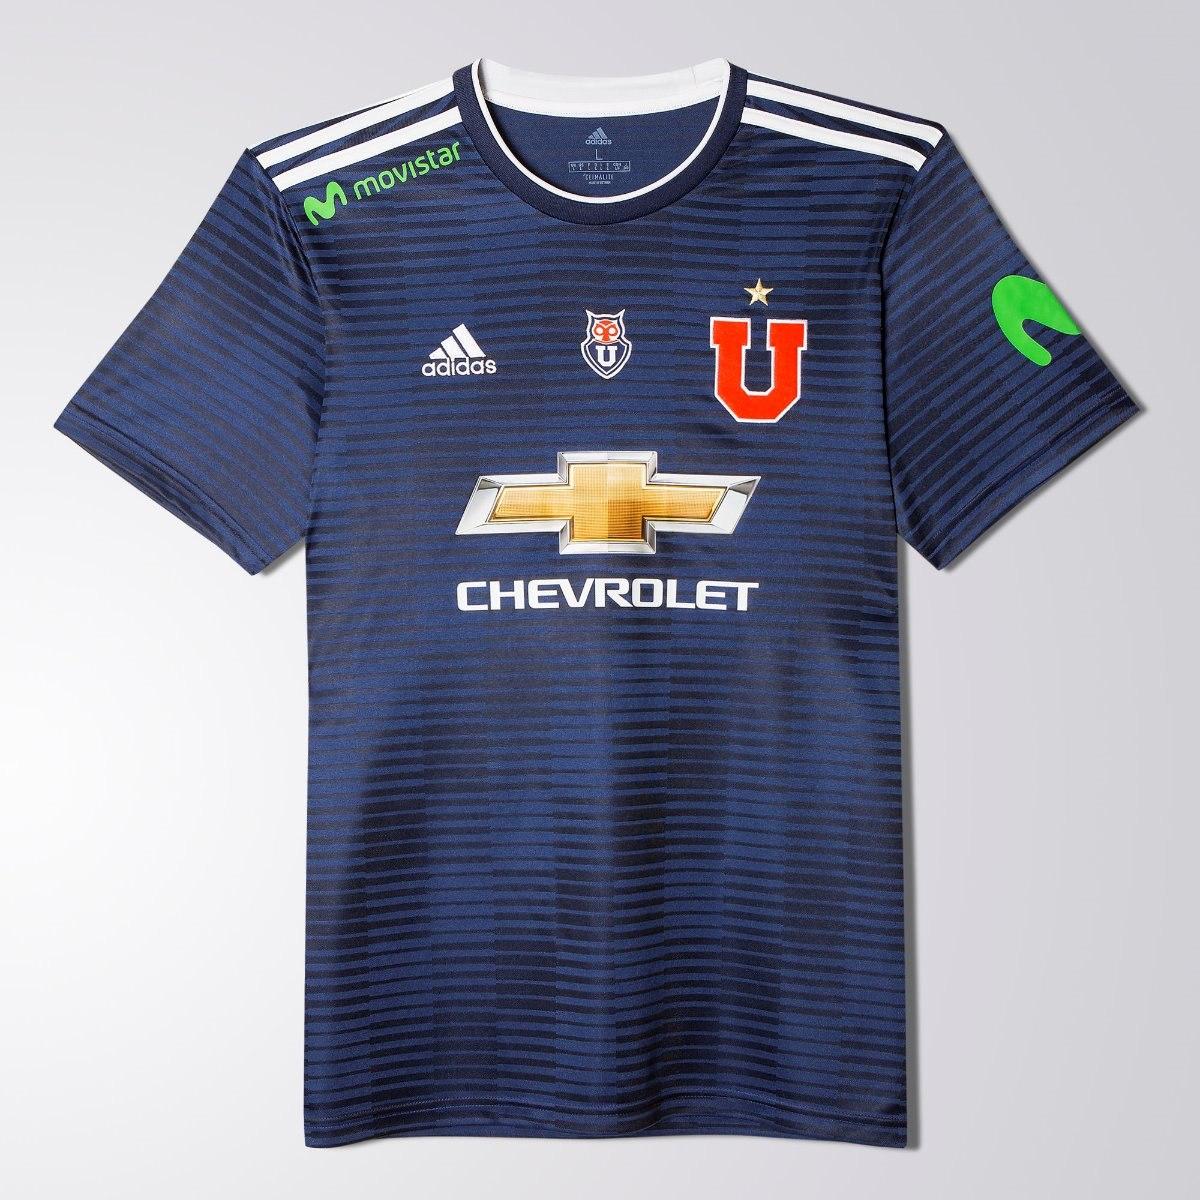 Camiseta U De Chile 2018 adidas Nueva Y Original -   24.990 en ... 0874f04d91917